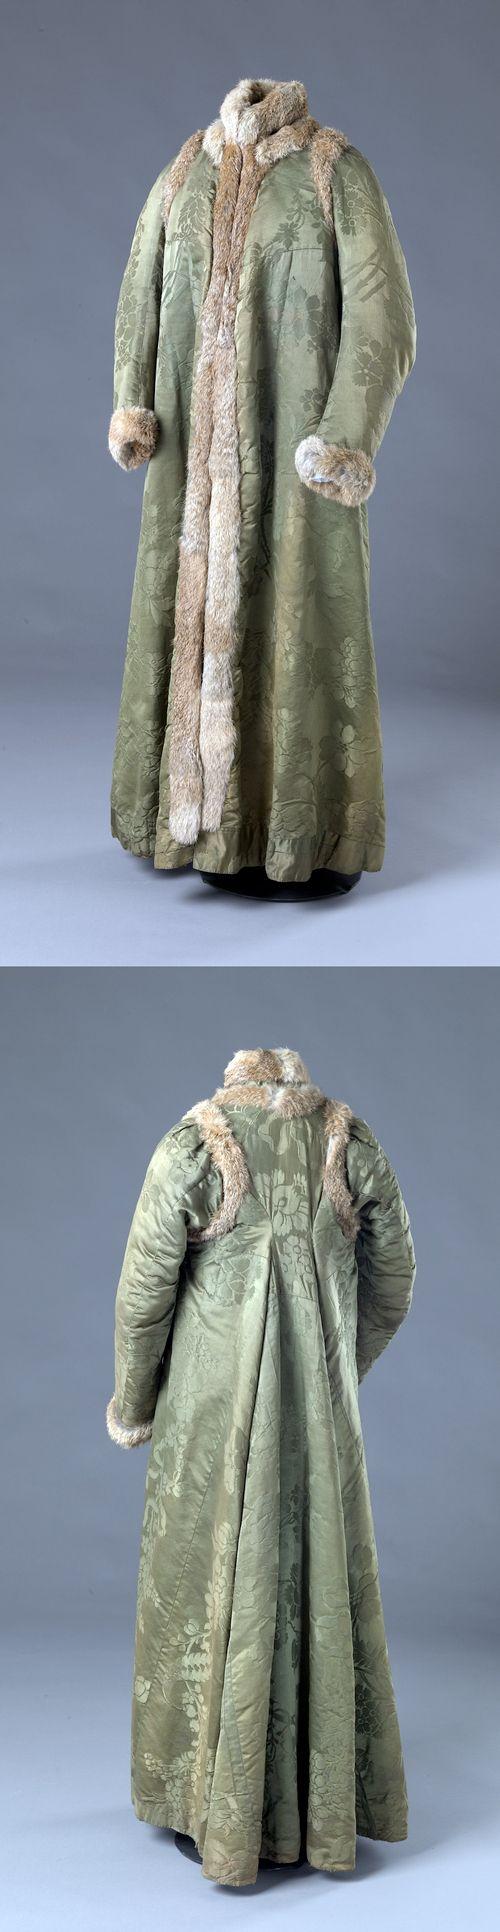 Coat  18th century  Nasjonalmuseet for Kunst, Arketketur, og Design